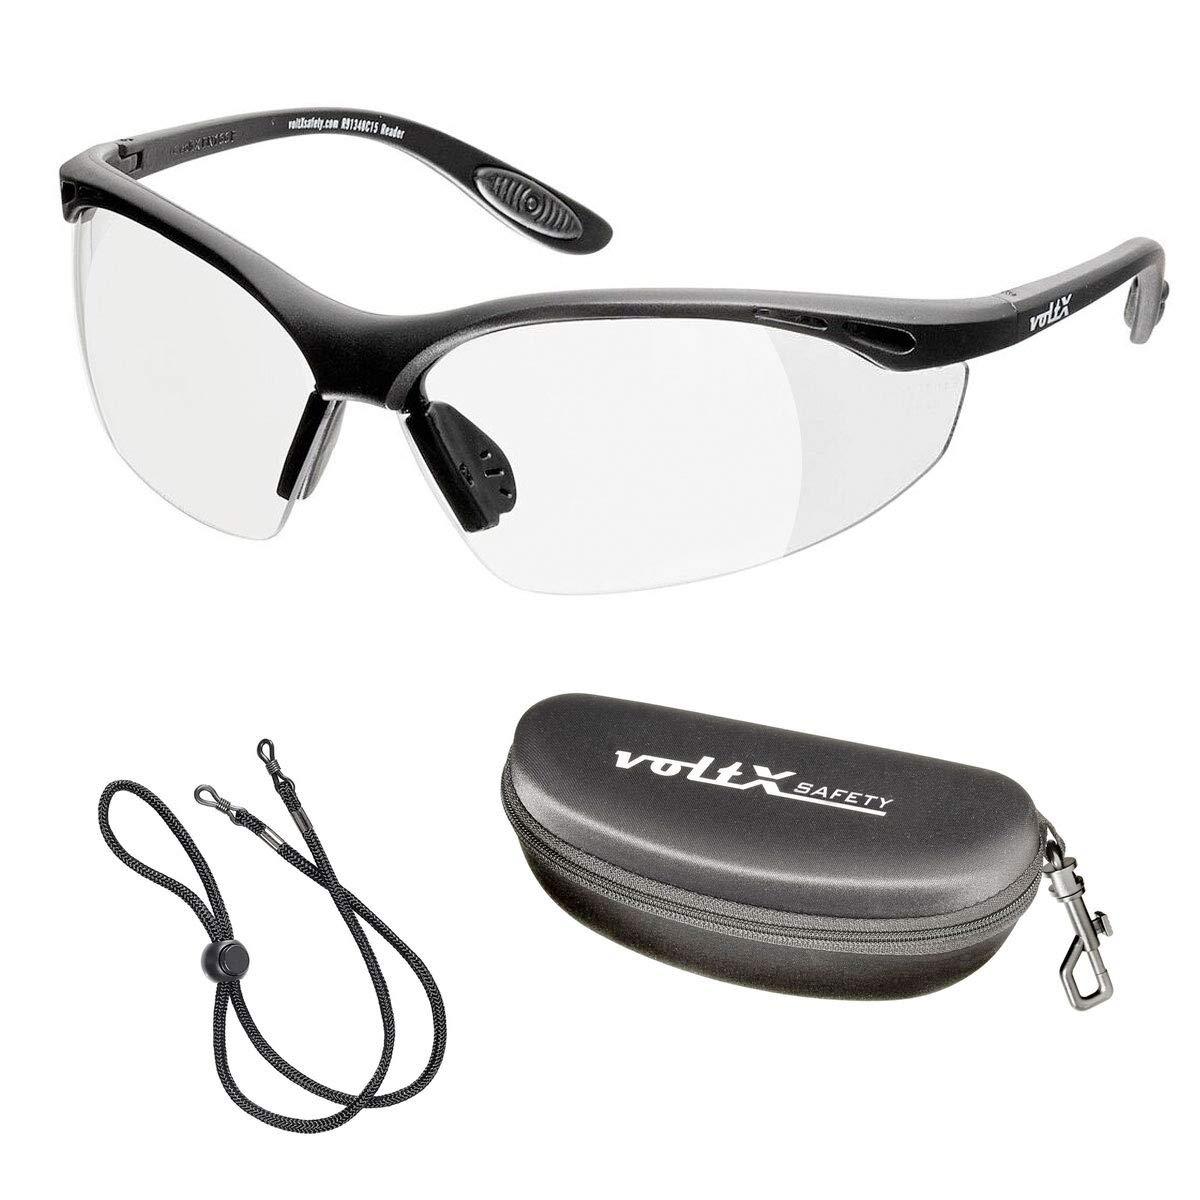 voltX 'Constructor' (TRANSPARENTES dioptría +2,00) Gafas de Seguridad con aumento total de lente (no bifocal), incluye cordón con tope regulable y funda rígida + Lente UV400 con recubrimiento antivaho